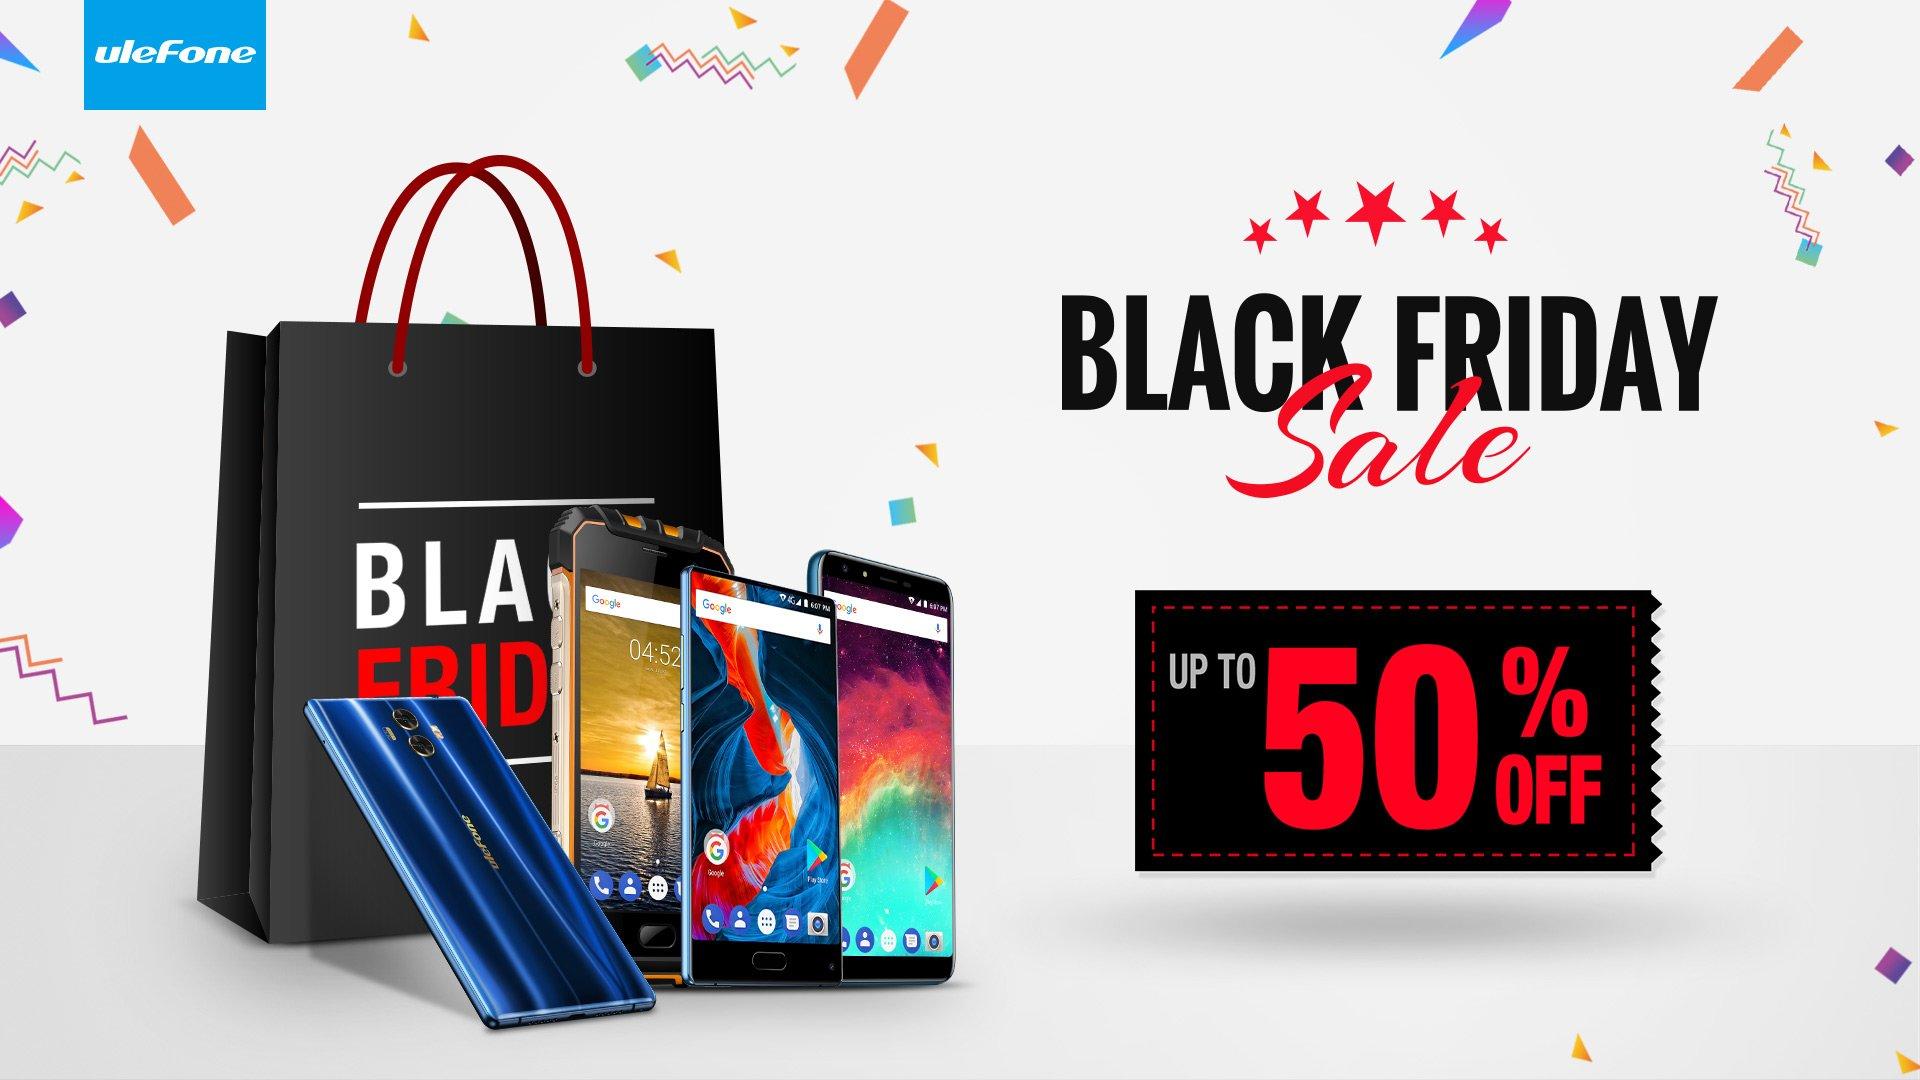 Tabletowo.pl Black Friday 2017 w wydaniu Ulefone to obniżki cen smartfonów nawet o 50% Android Chińskie Promocje Smartfony